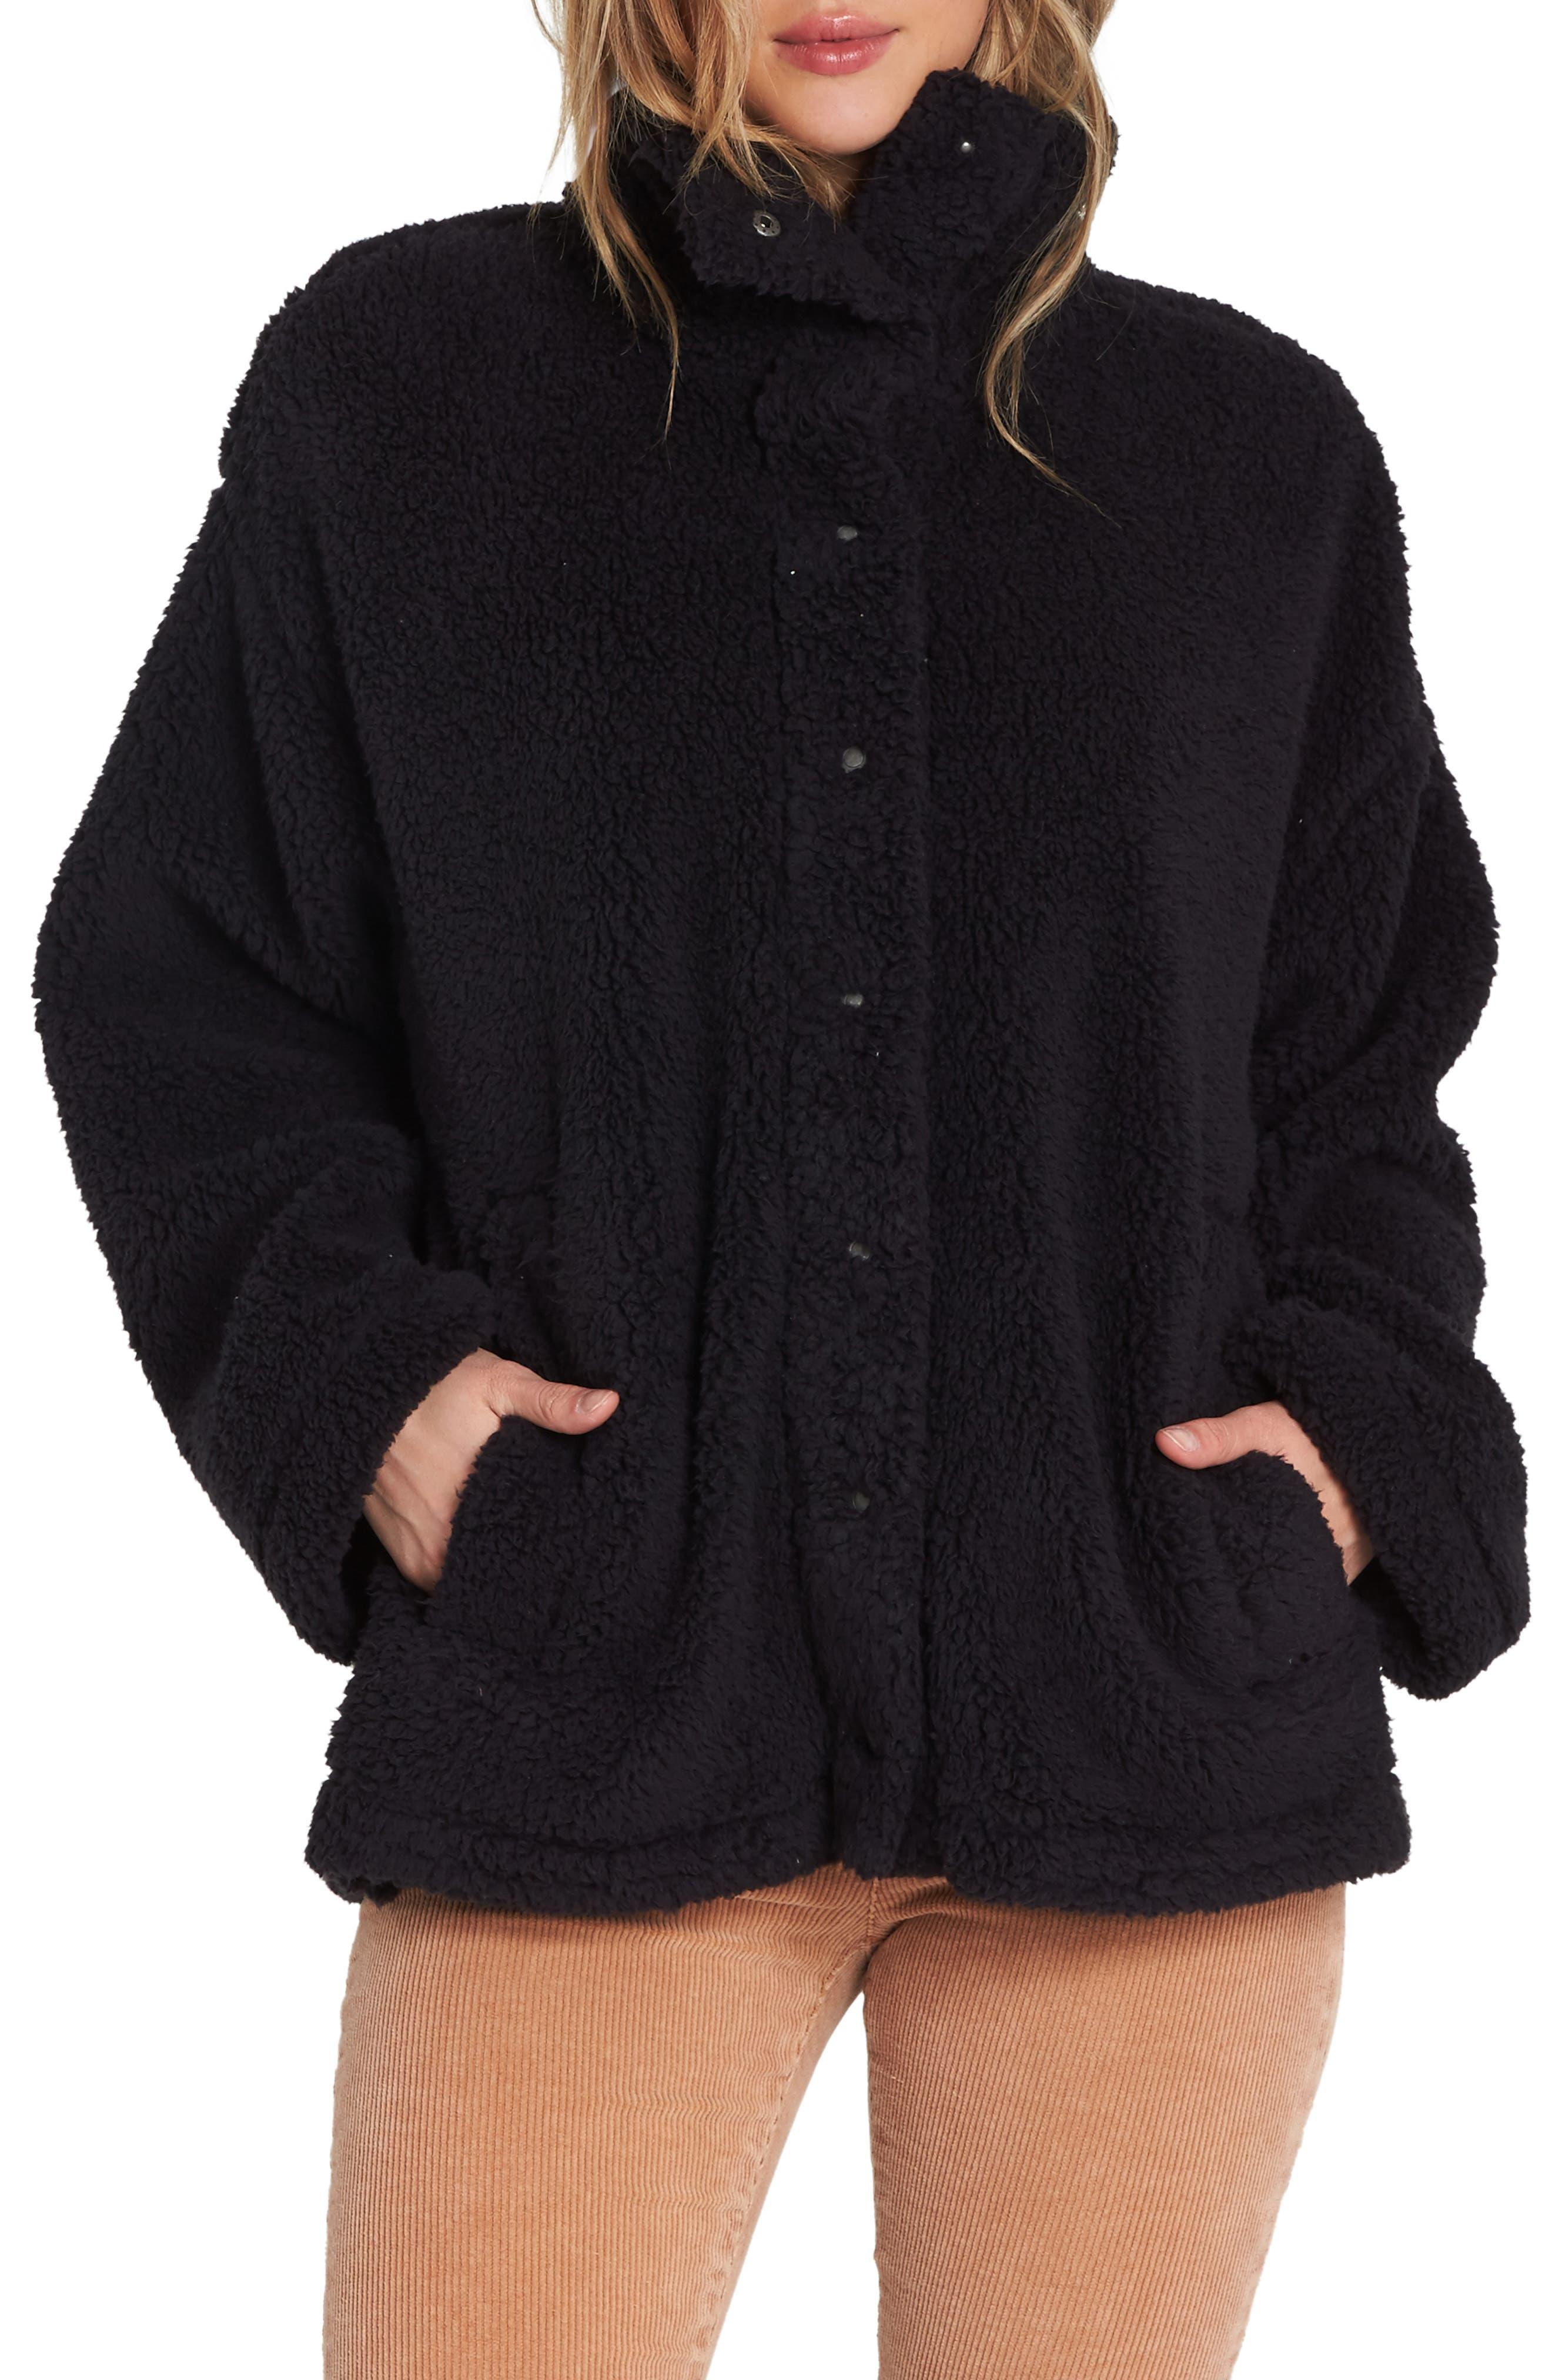 Cozy Days Faux Fur Jacket,                             Main thumbnail 1, color,                             BLACK